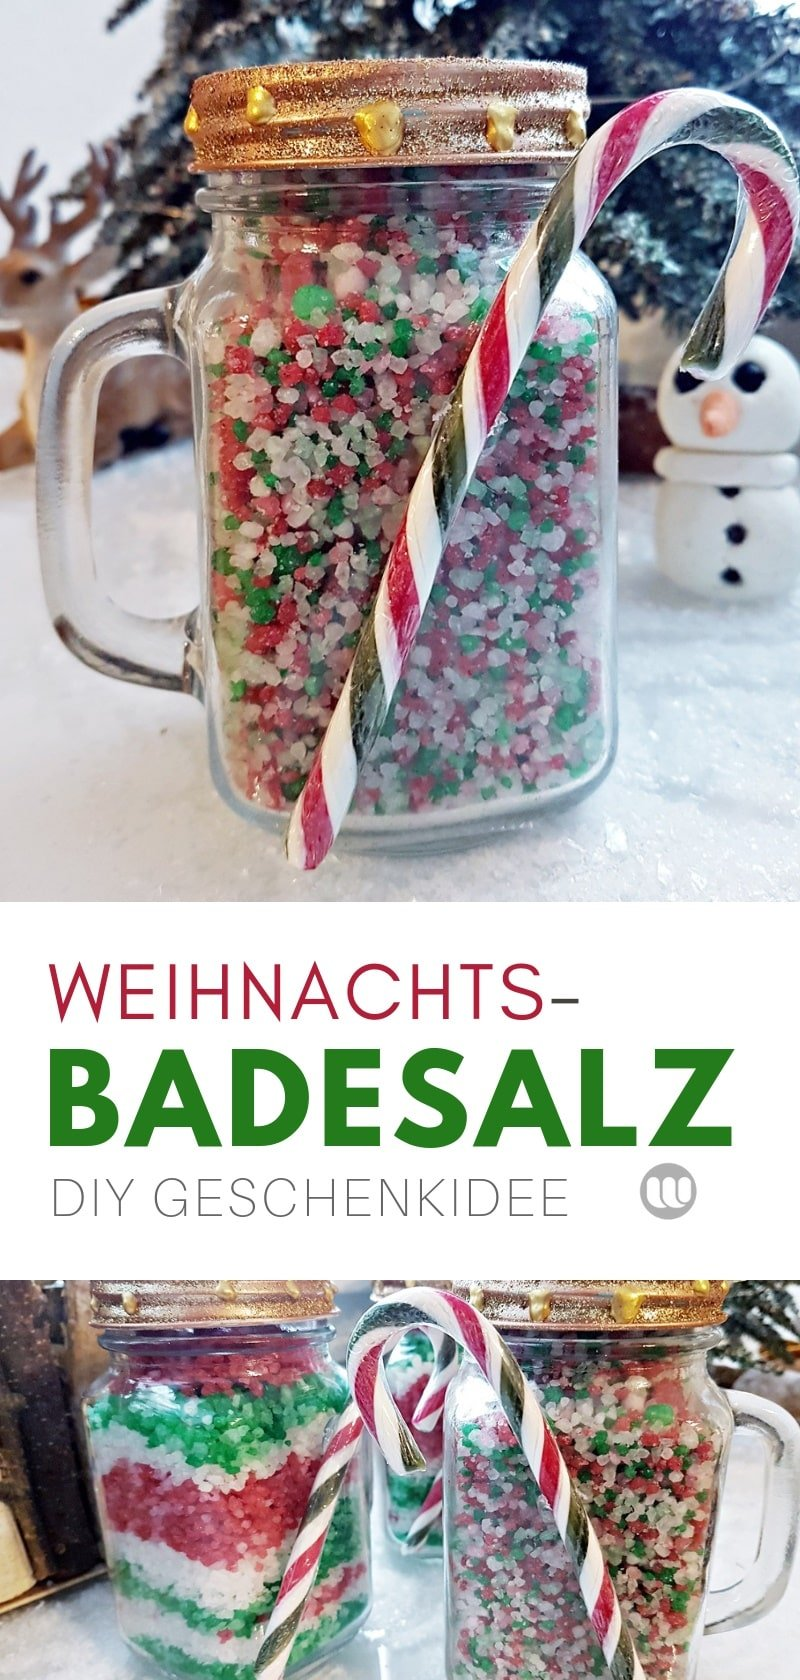 Rezept für Badesalz: Wie man Weihnachts- Badesalz selbst herstellt